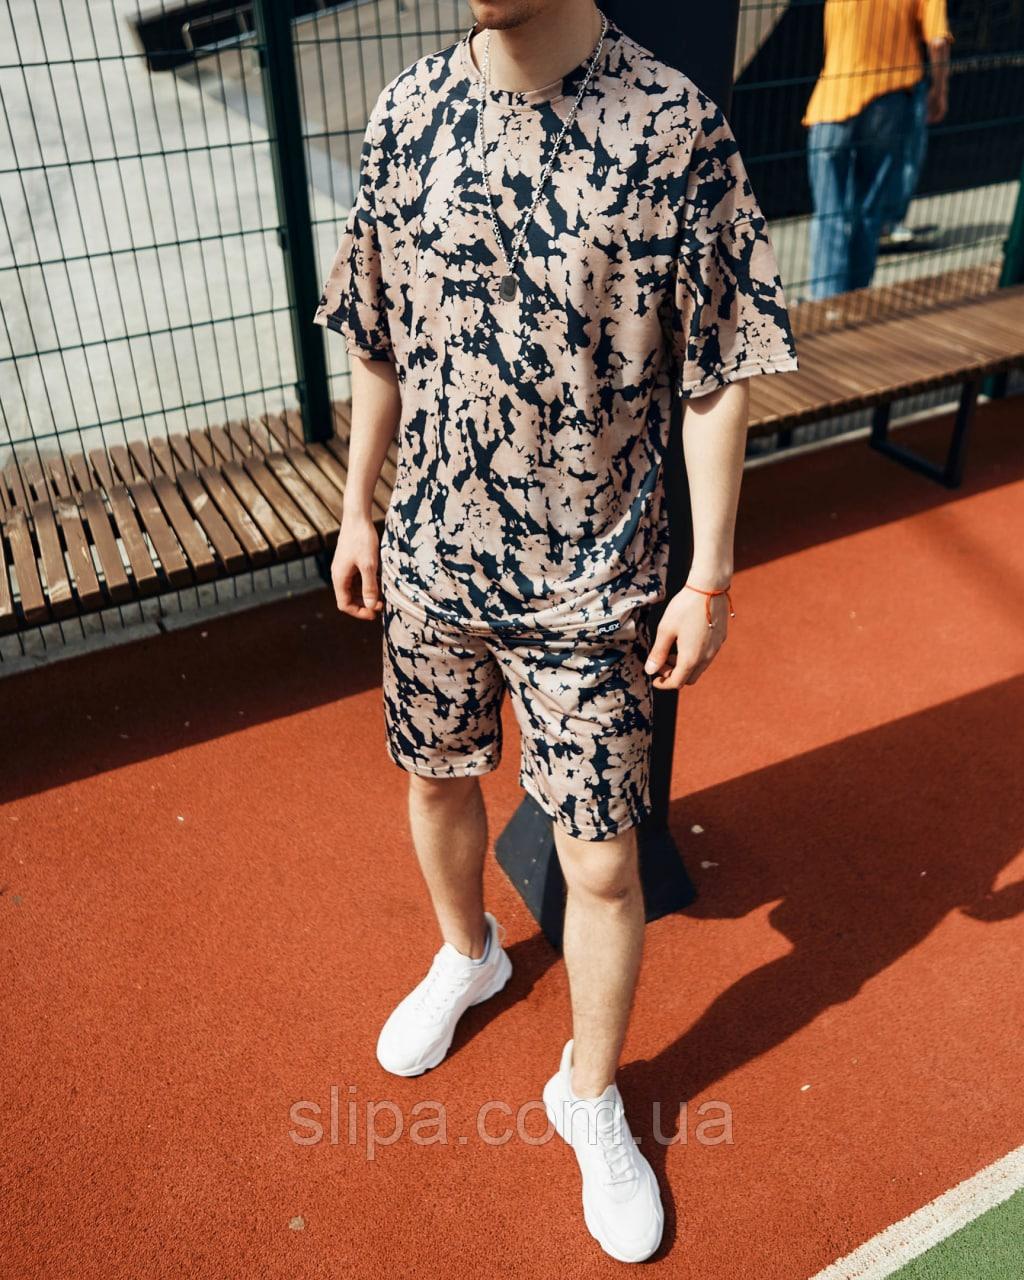 Летний спортивный костюм оверсайз МОККО   двухнить   футболка + шорты